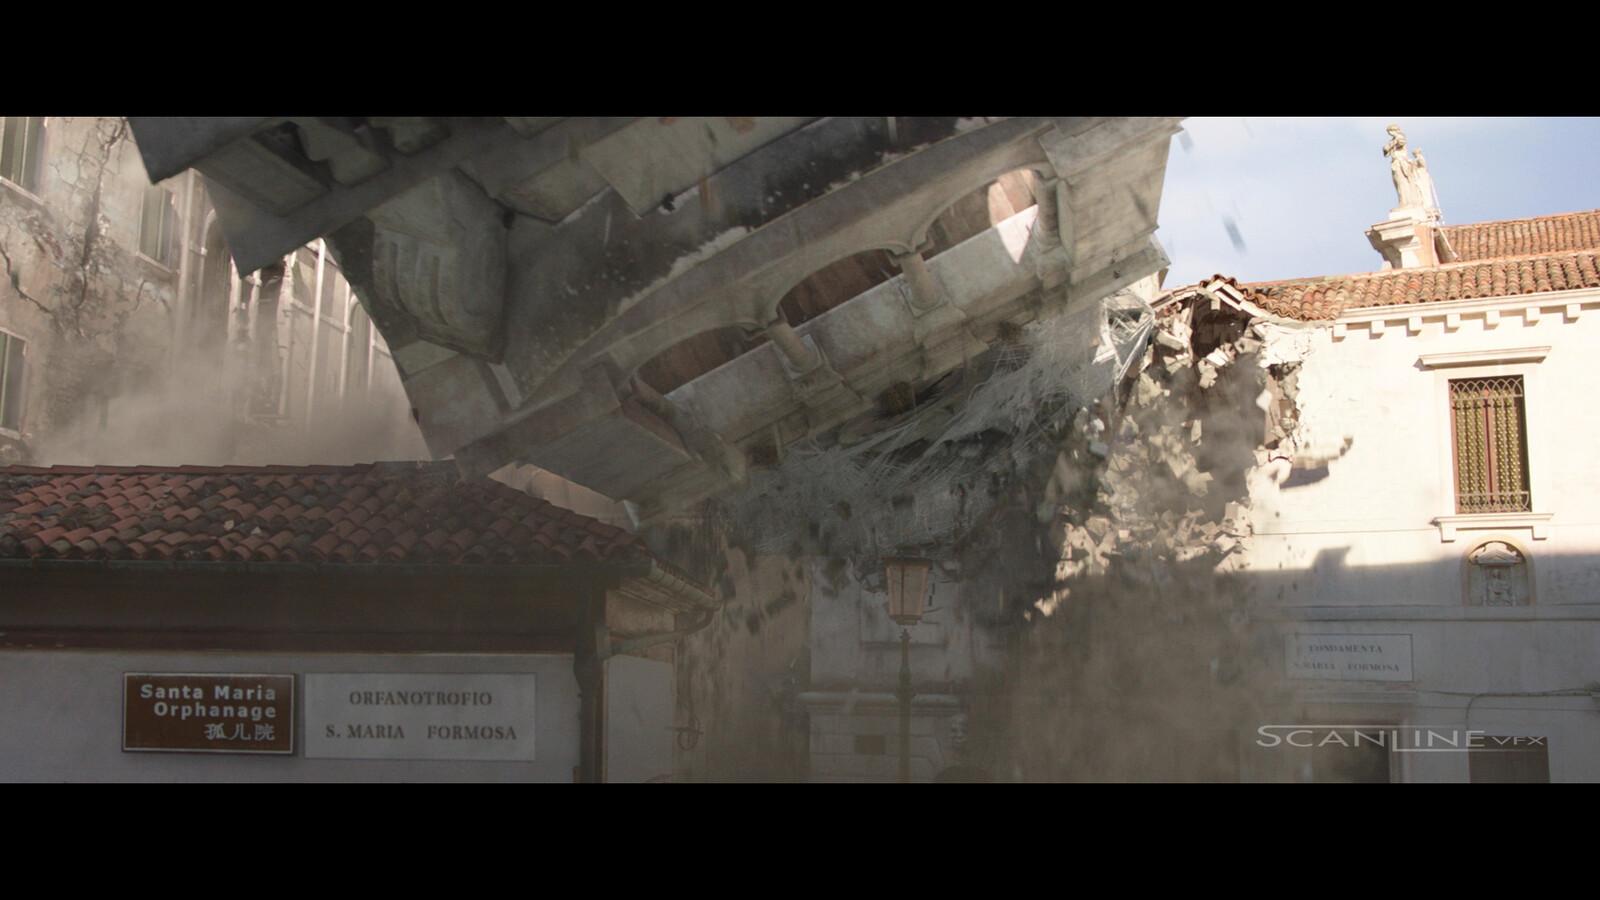 DMP + CG Environment, FX Destruction, 2D elemements